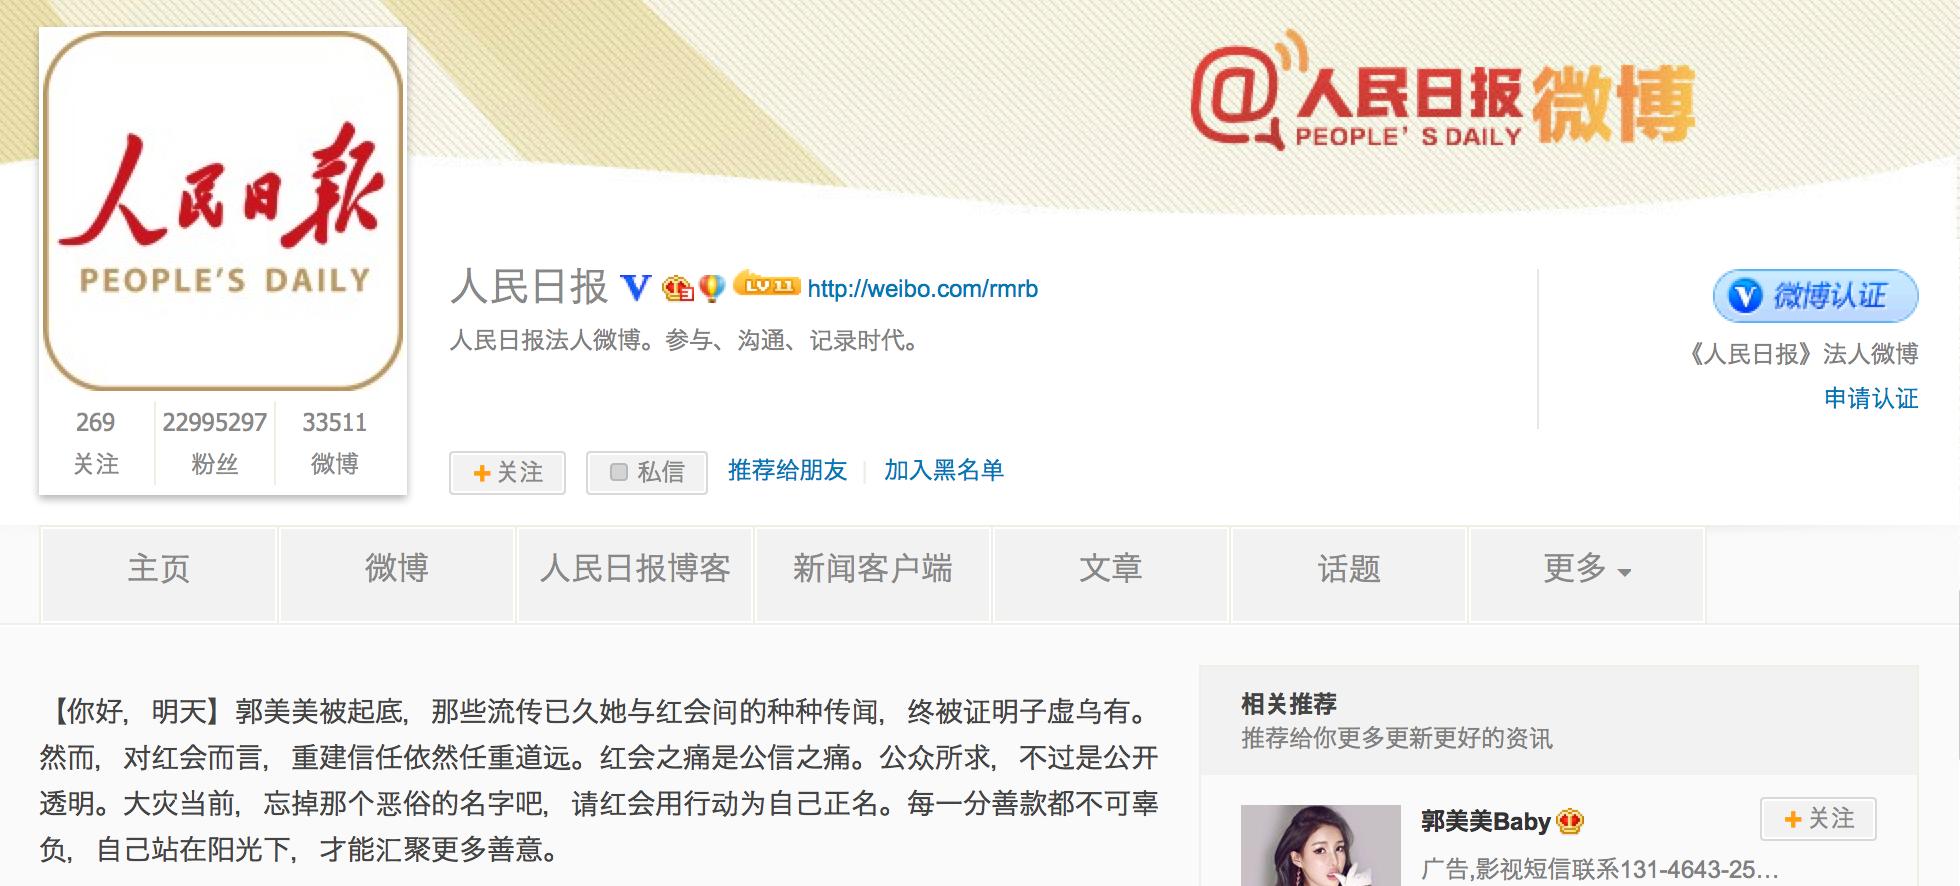 【网络民议】人民日报微博再论郭美美和红十字会